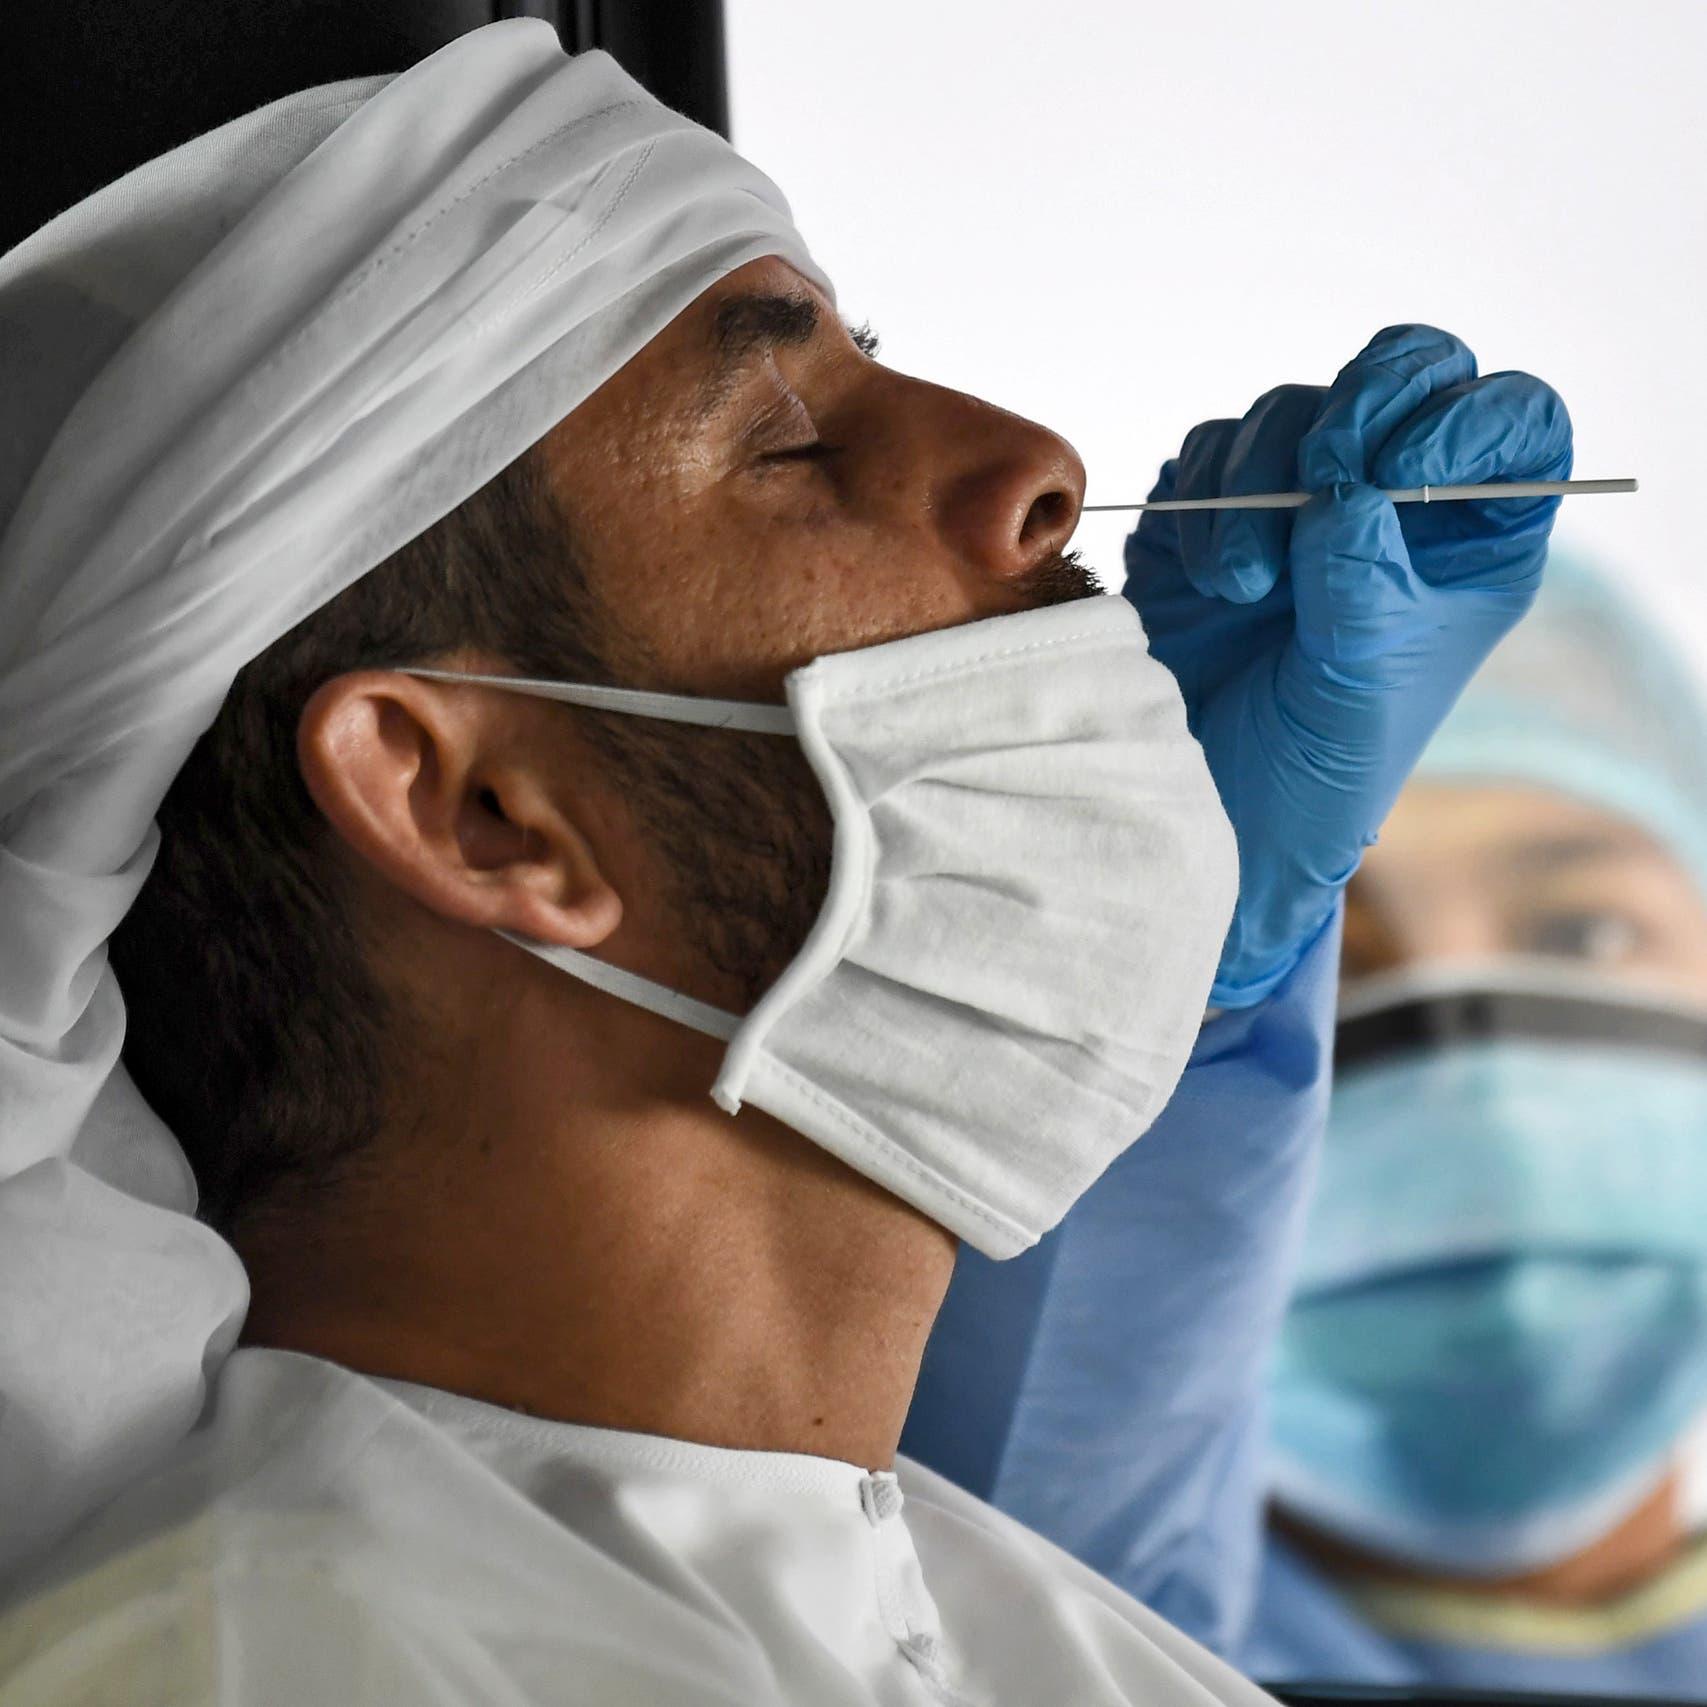 لموظفي حكومة الإمارات.. مسحة للأنف كل 7 أيام أو اللقاح